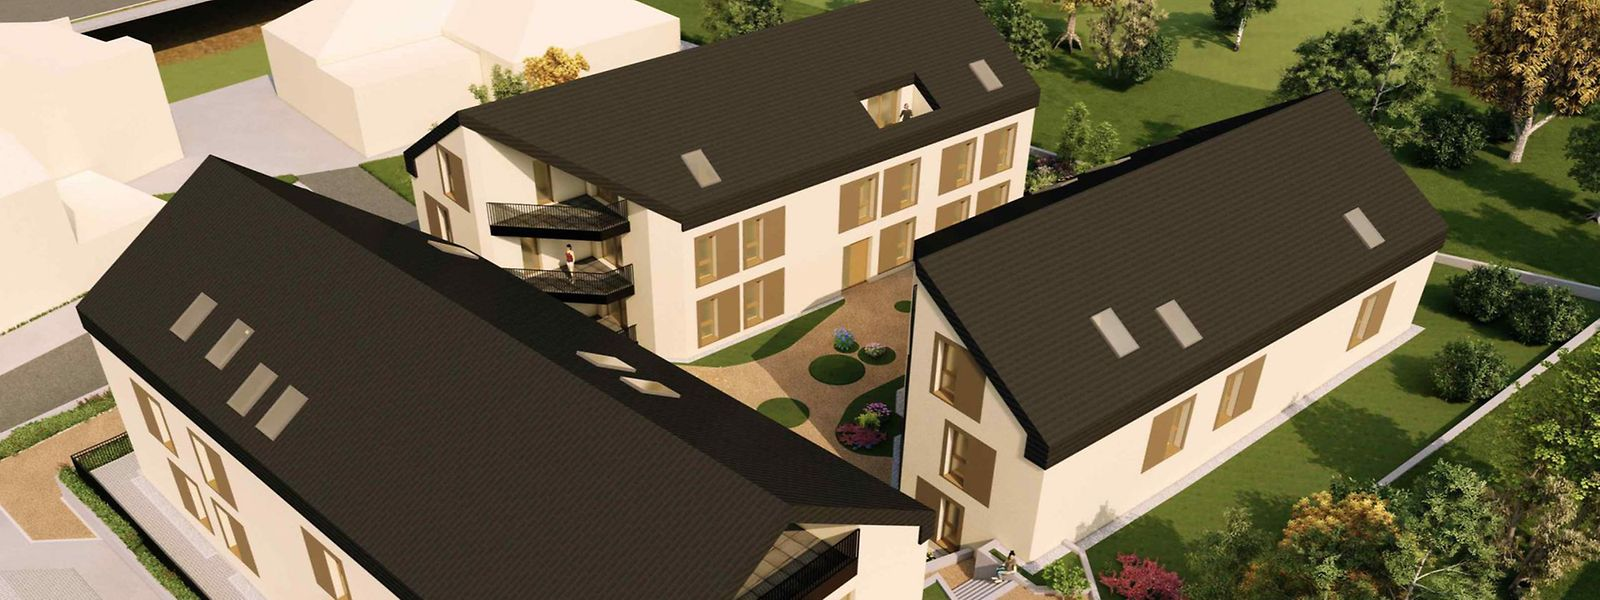 Der geplante Wohnkomplex mit einem Innenhof und Balkonen soll Wohnungen zu erschwinglichen Preisen beherbergen.